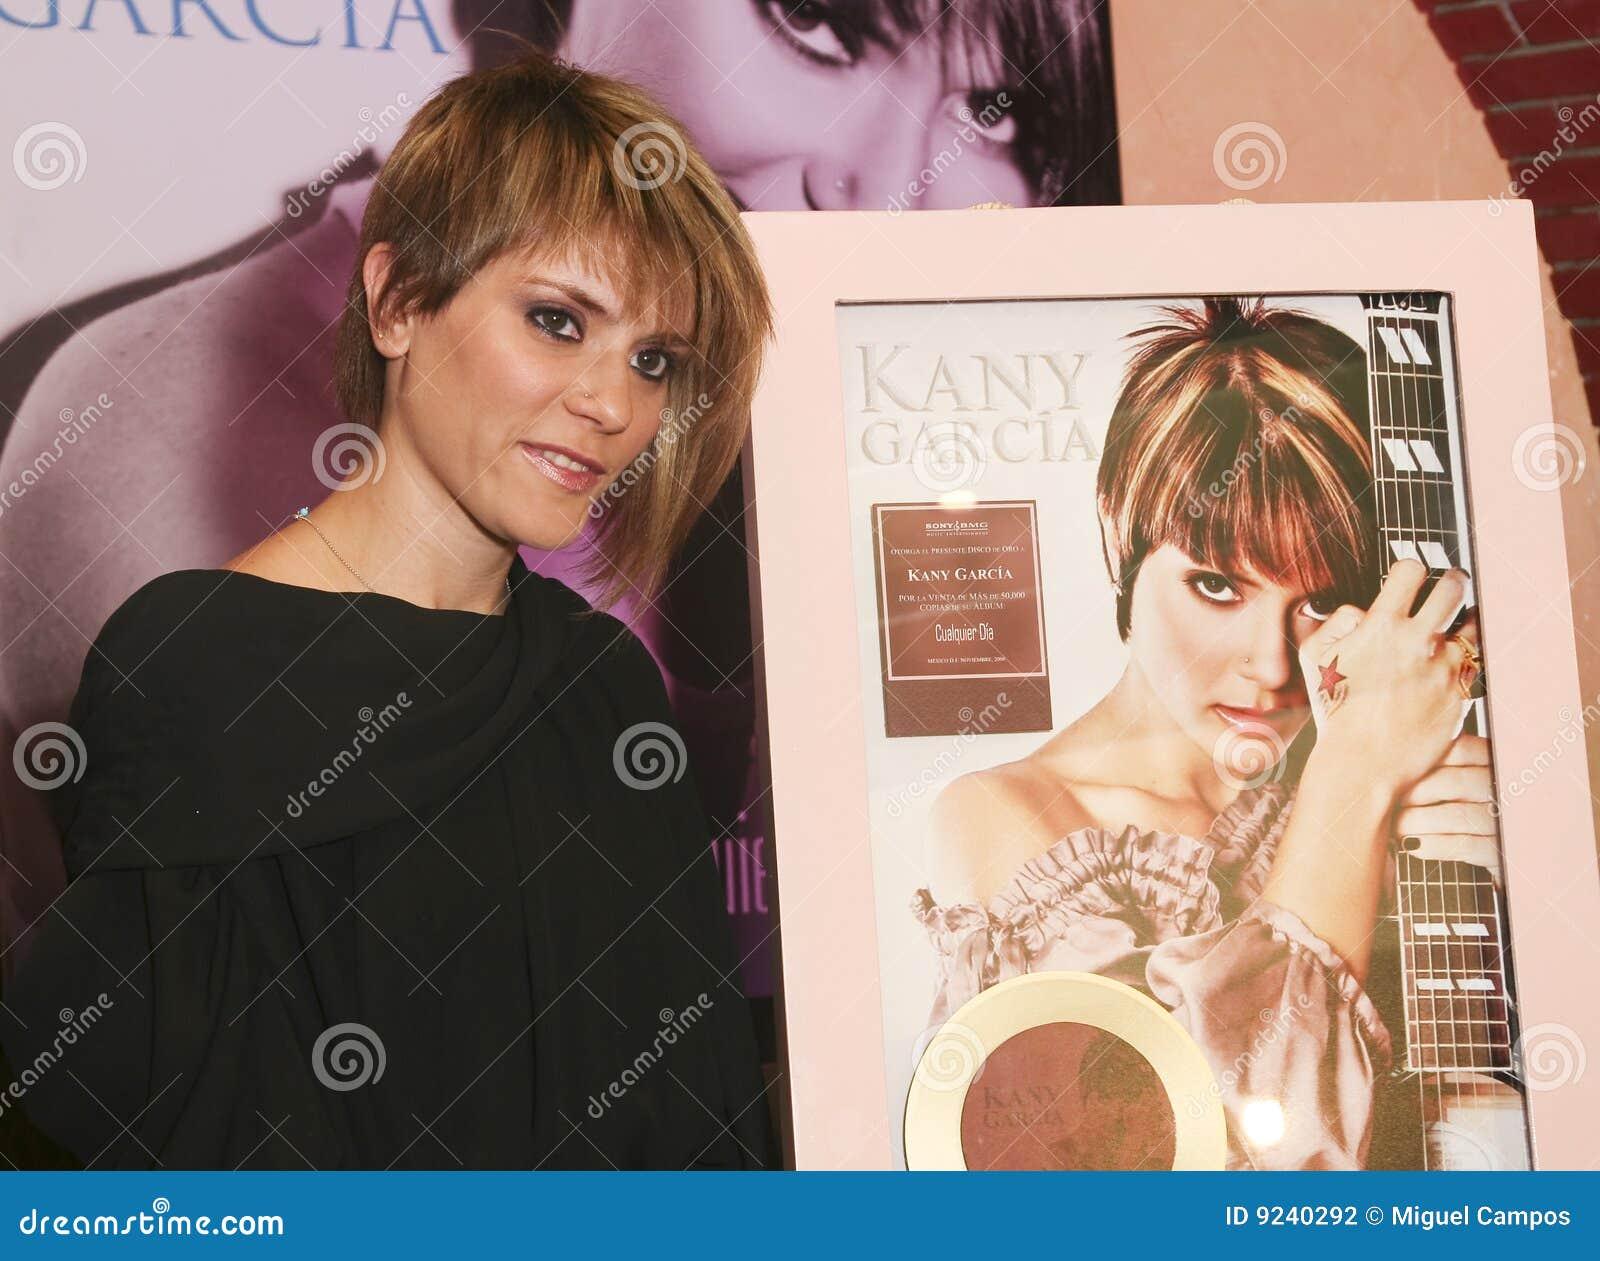 MEXICO CITY Singer Kany Garcia